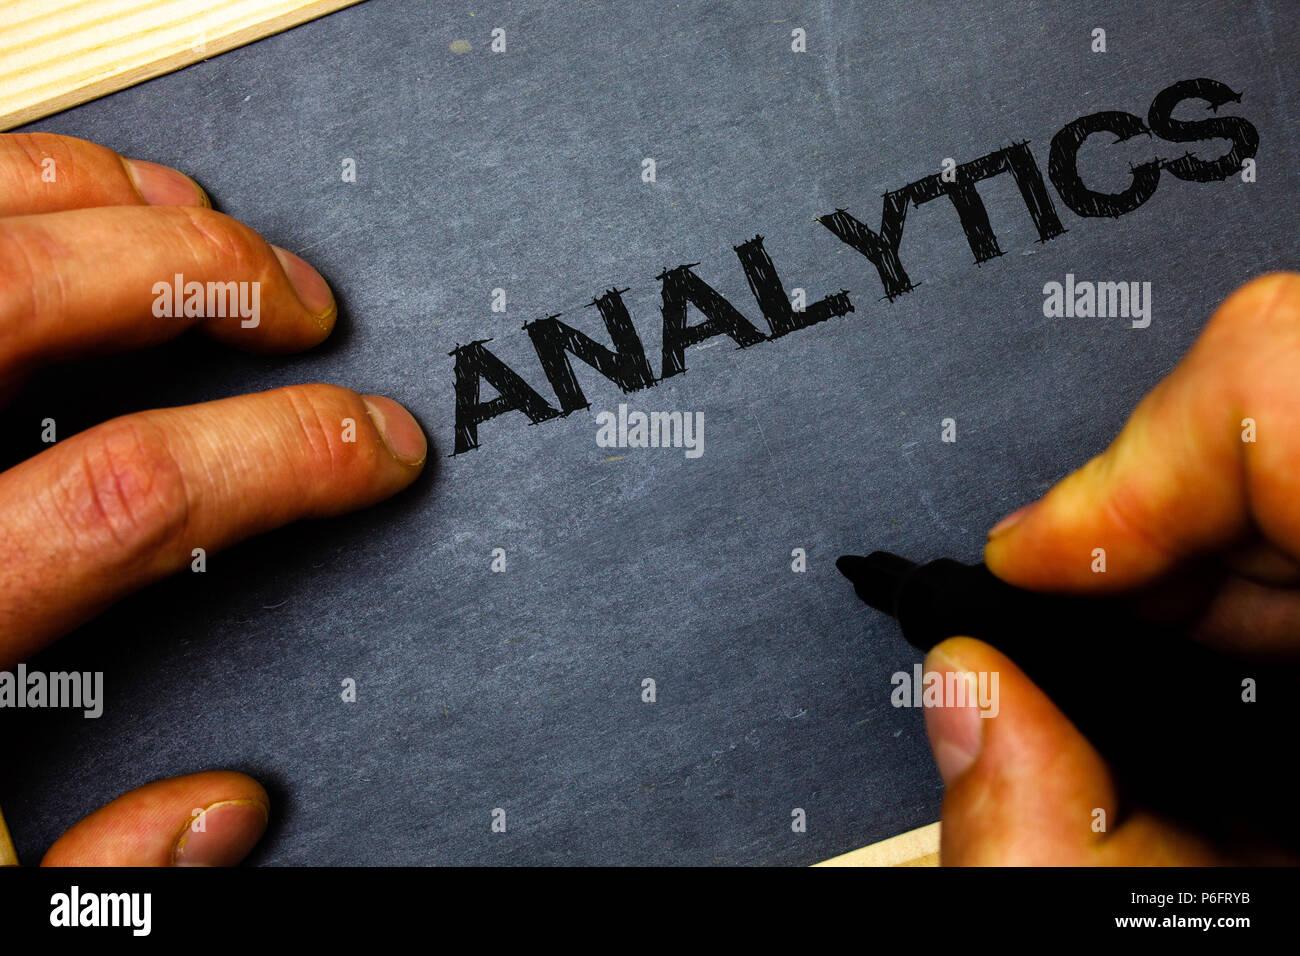 Parola di scrittura di testo Analytics. Il concetto di business per l'analisi dei dati Informazioni Finanziarie Report statistiche cruscotto man tenere holding nero marker marcatore Immagini Stock